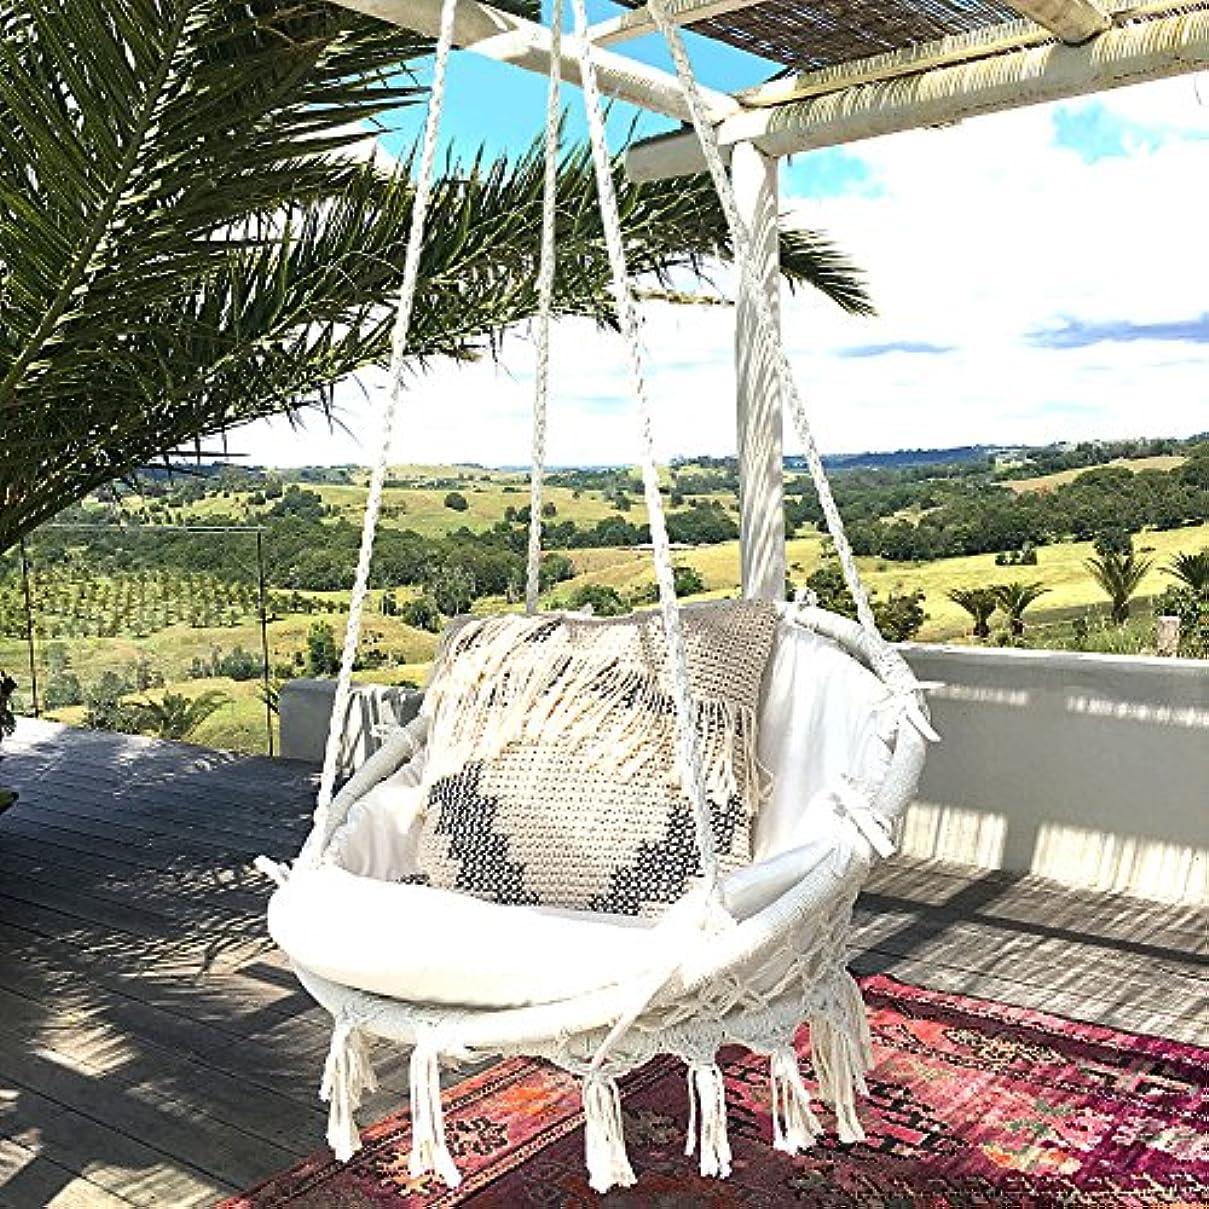 フェンス正当な叱るハンモックチェア-KINDEN マクラメ編みハンギングチェア 吊り下げ式 大人&子供兼用 耐荷重120kg 屋外/室内用ロープハンモックチェア